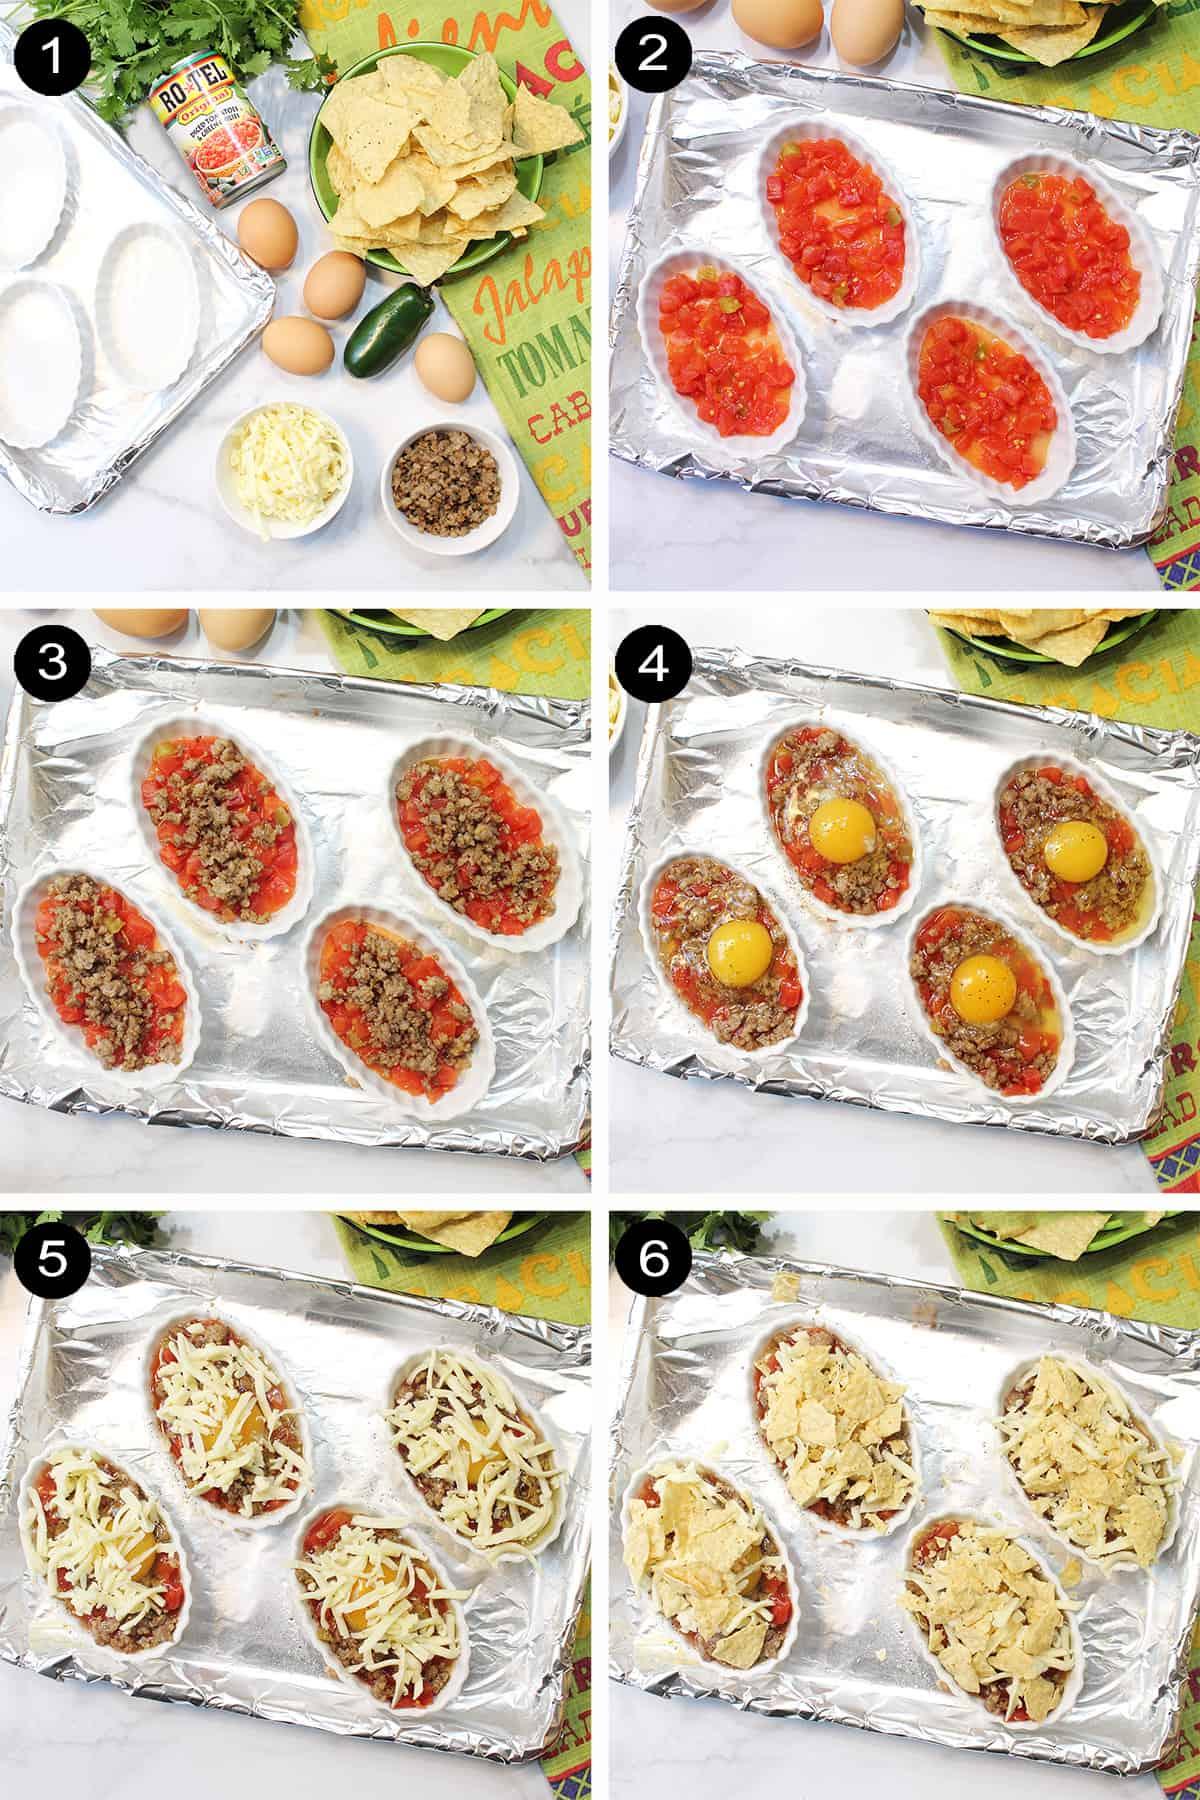 Prep steps for easy huevos rancheros.